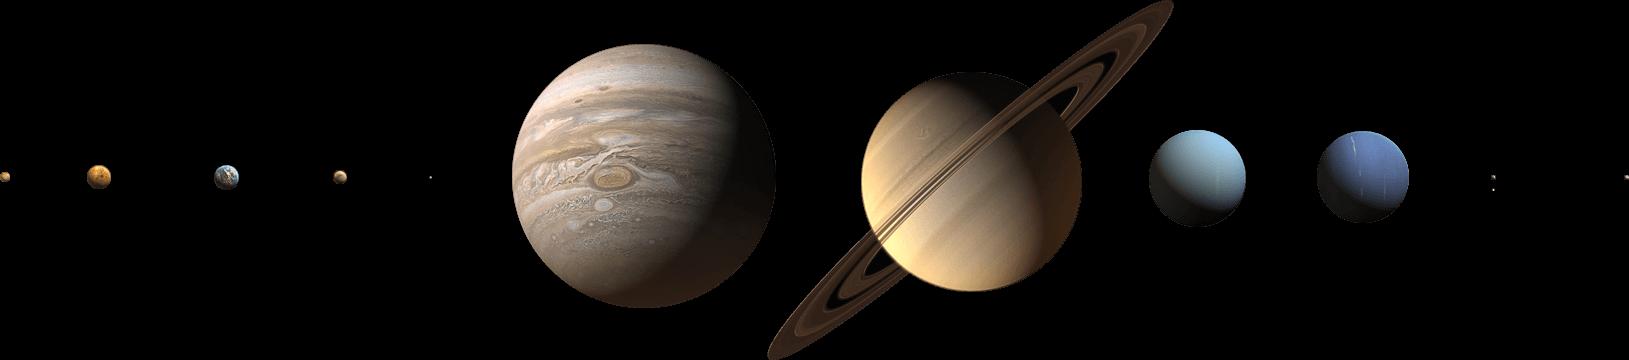 universe-planets